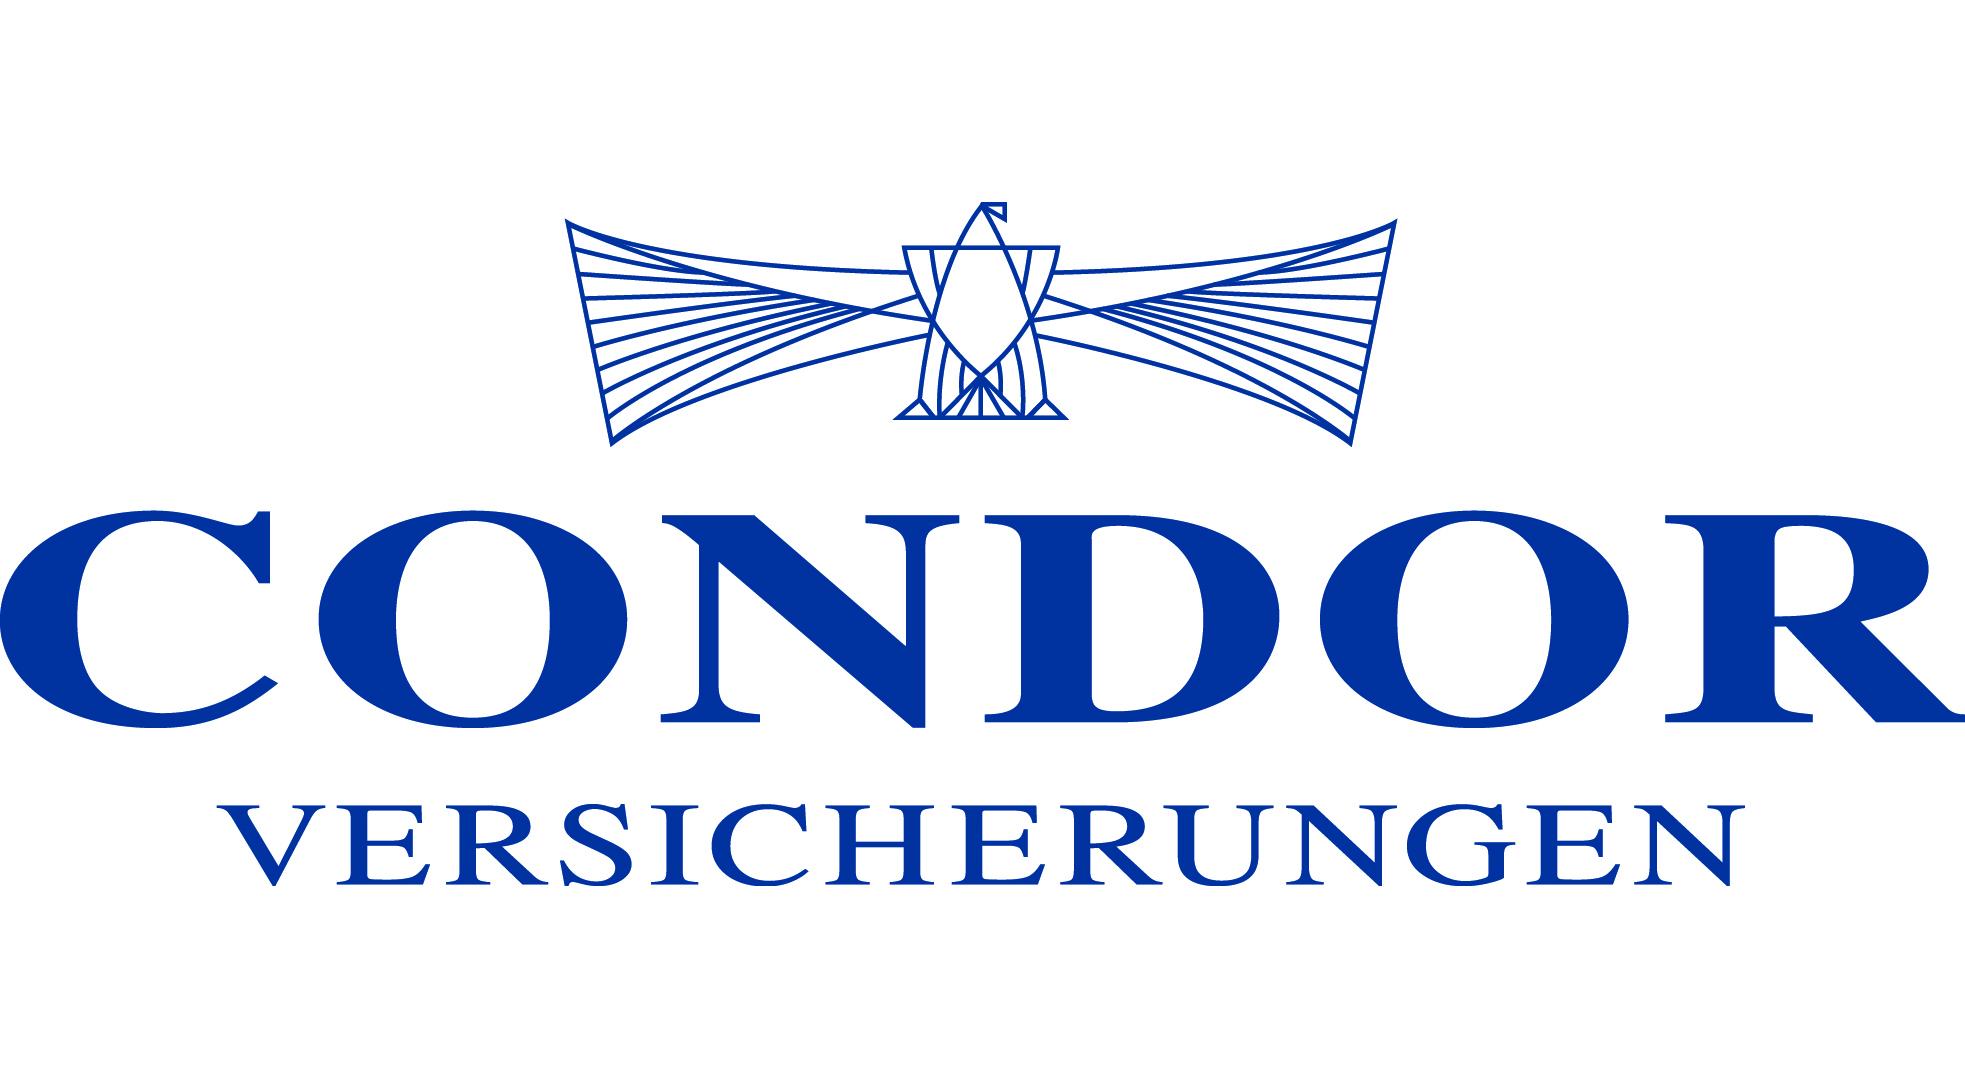 Condor Leben: Congenial privat – Deutschlands günstigste Fondspolice für Einmalbeiträge mit einem einzigen Kostensatz